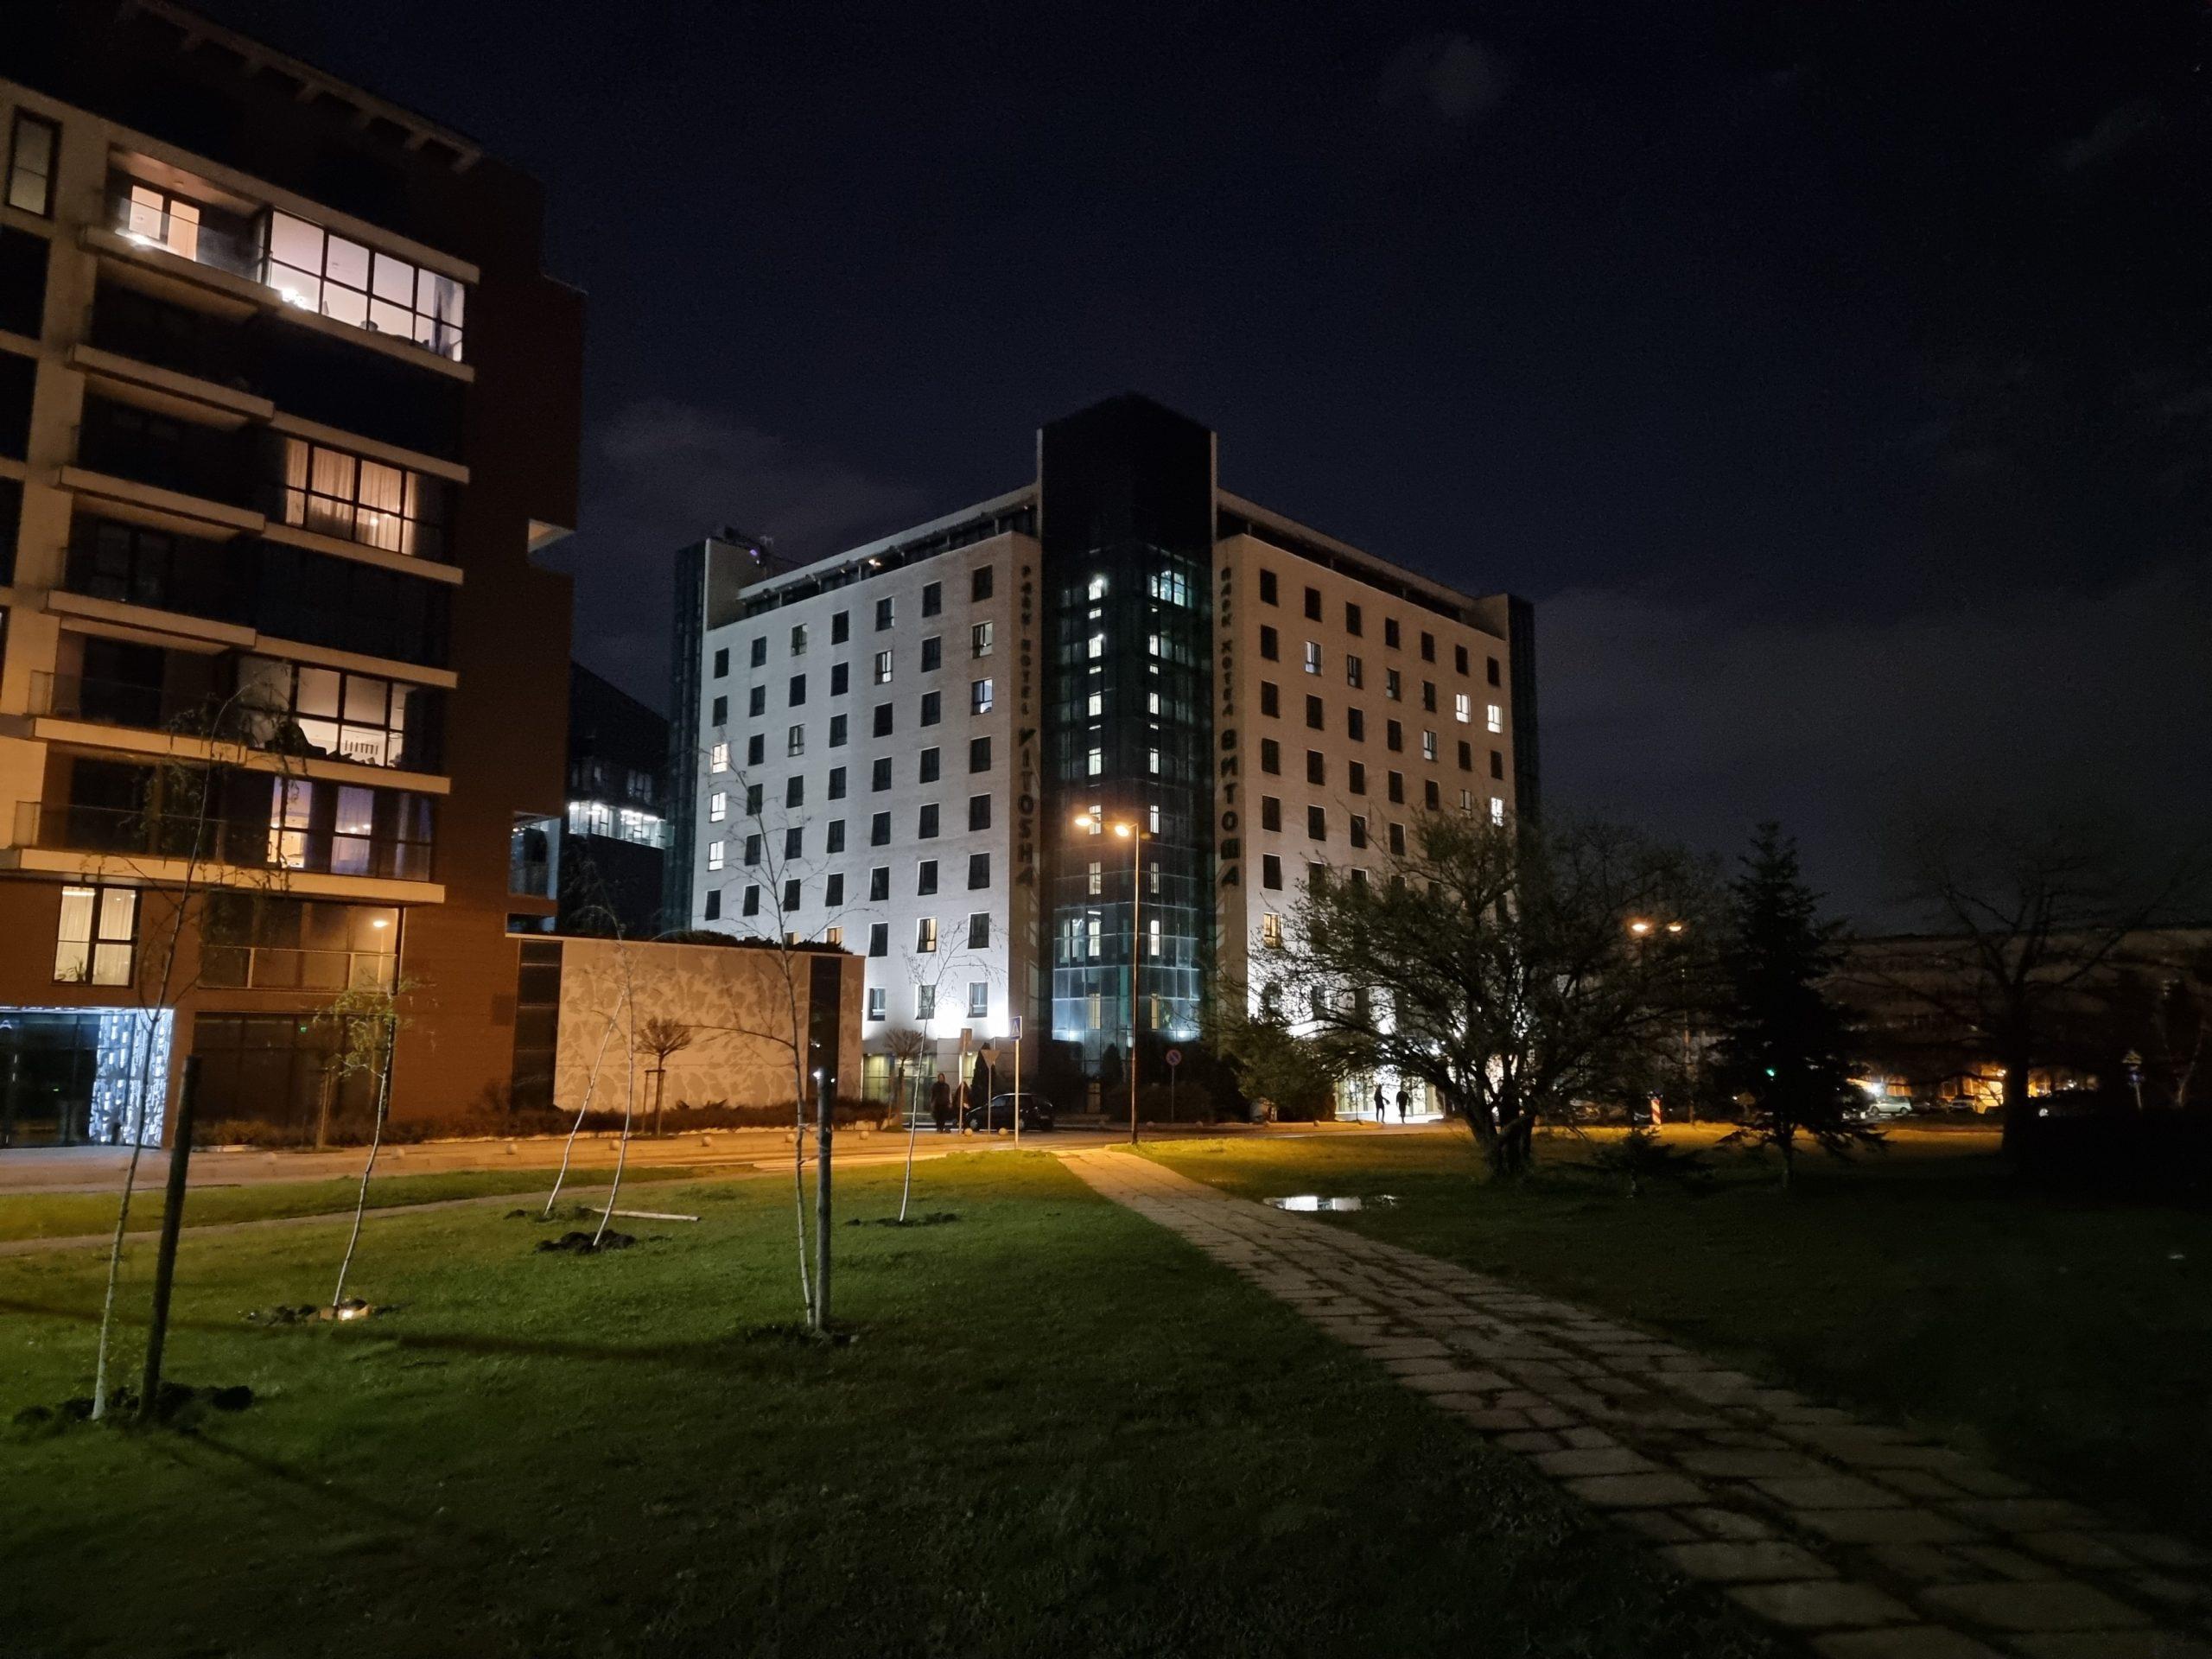 دوربین اس 21 اولترا در شب . scaled